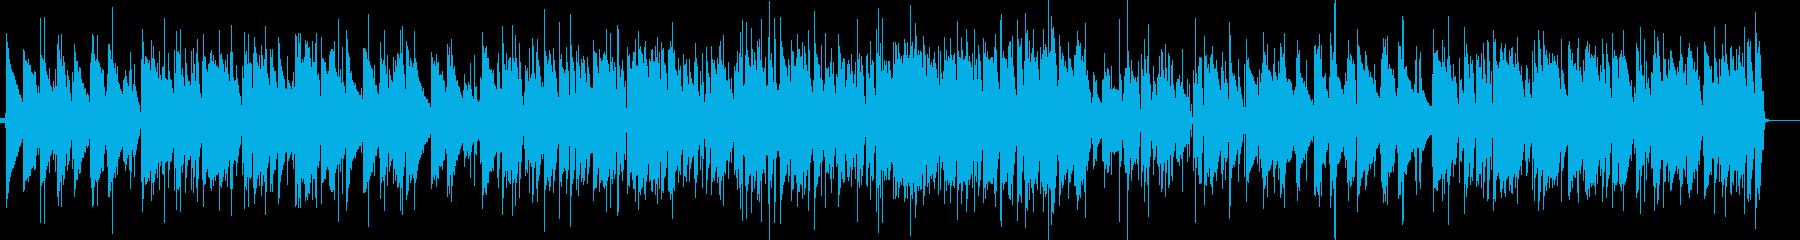 童謡 あめふりのジャズピアノの再生済みの波形